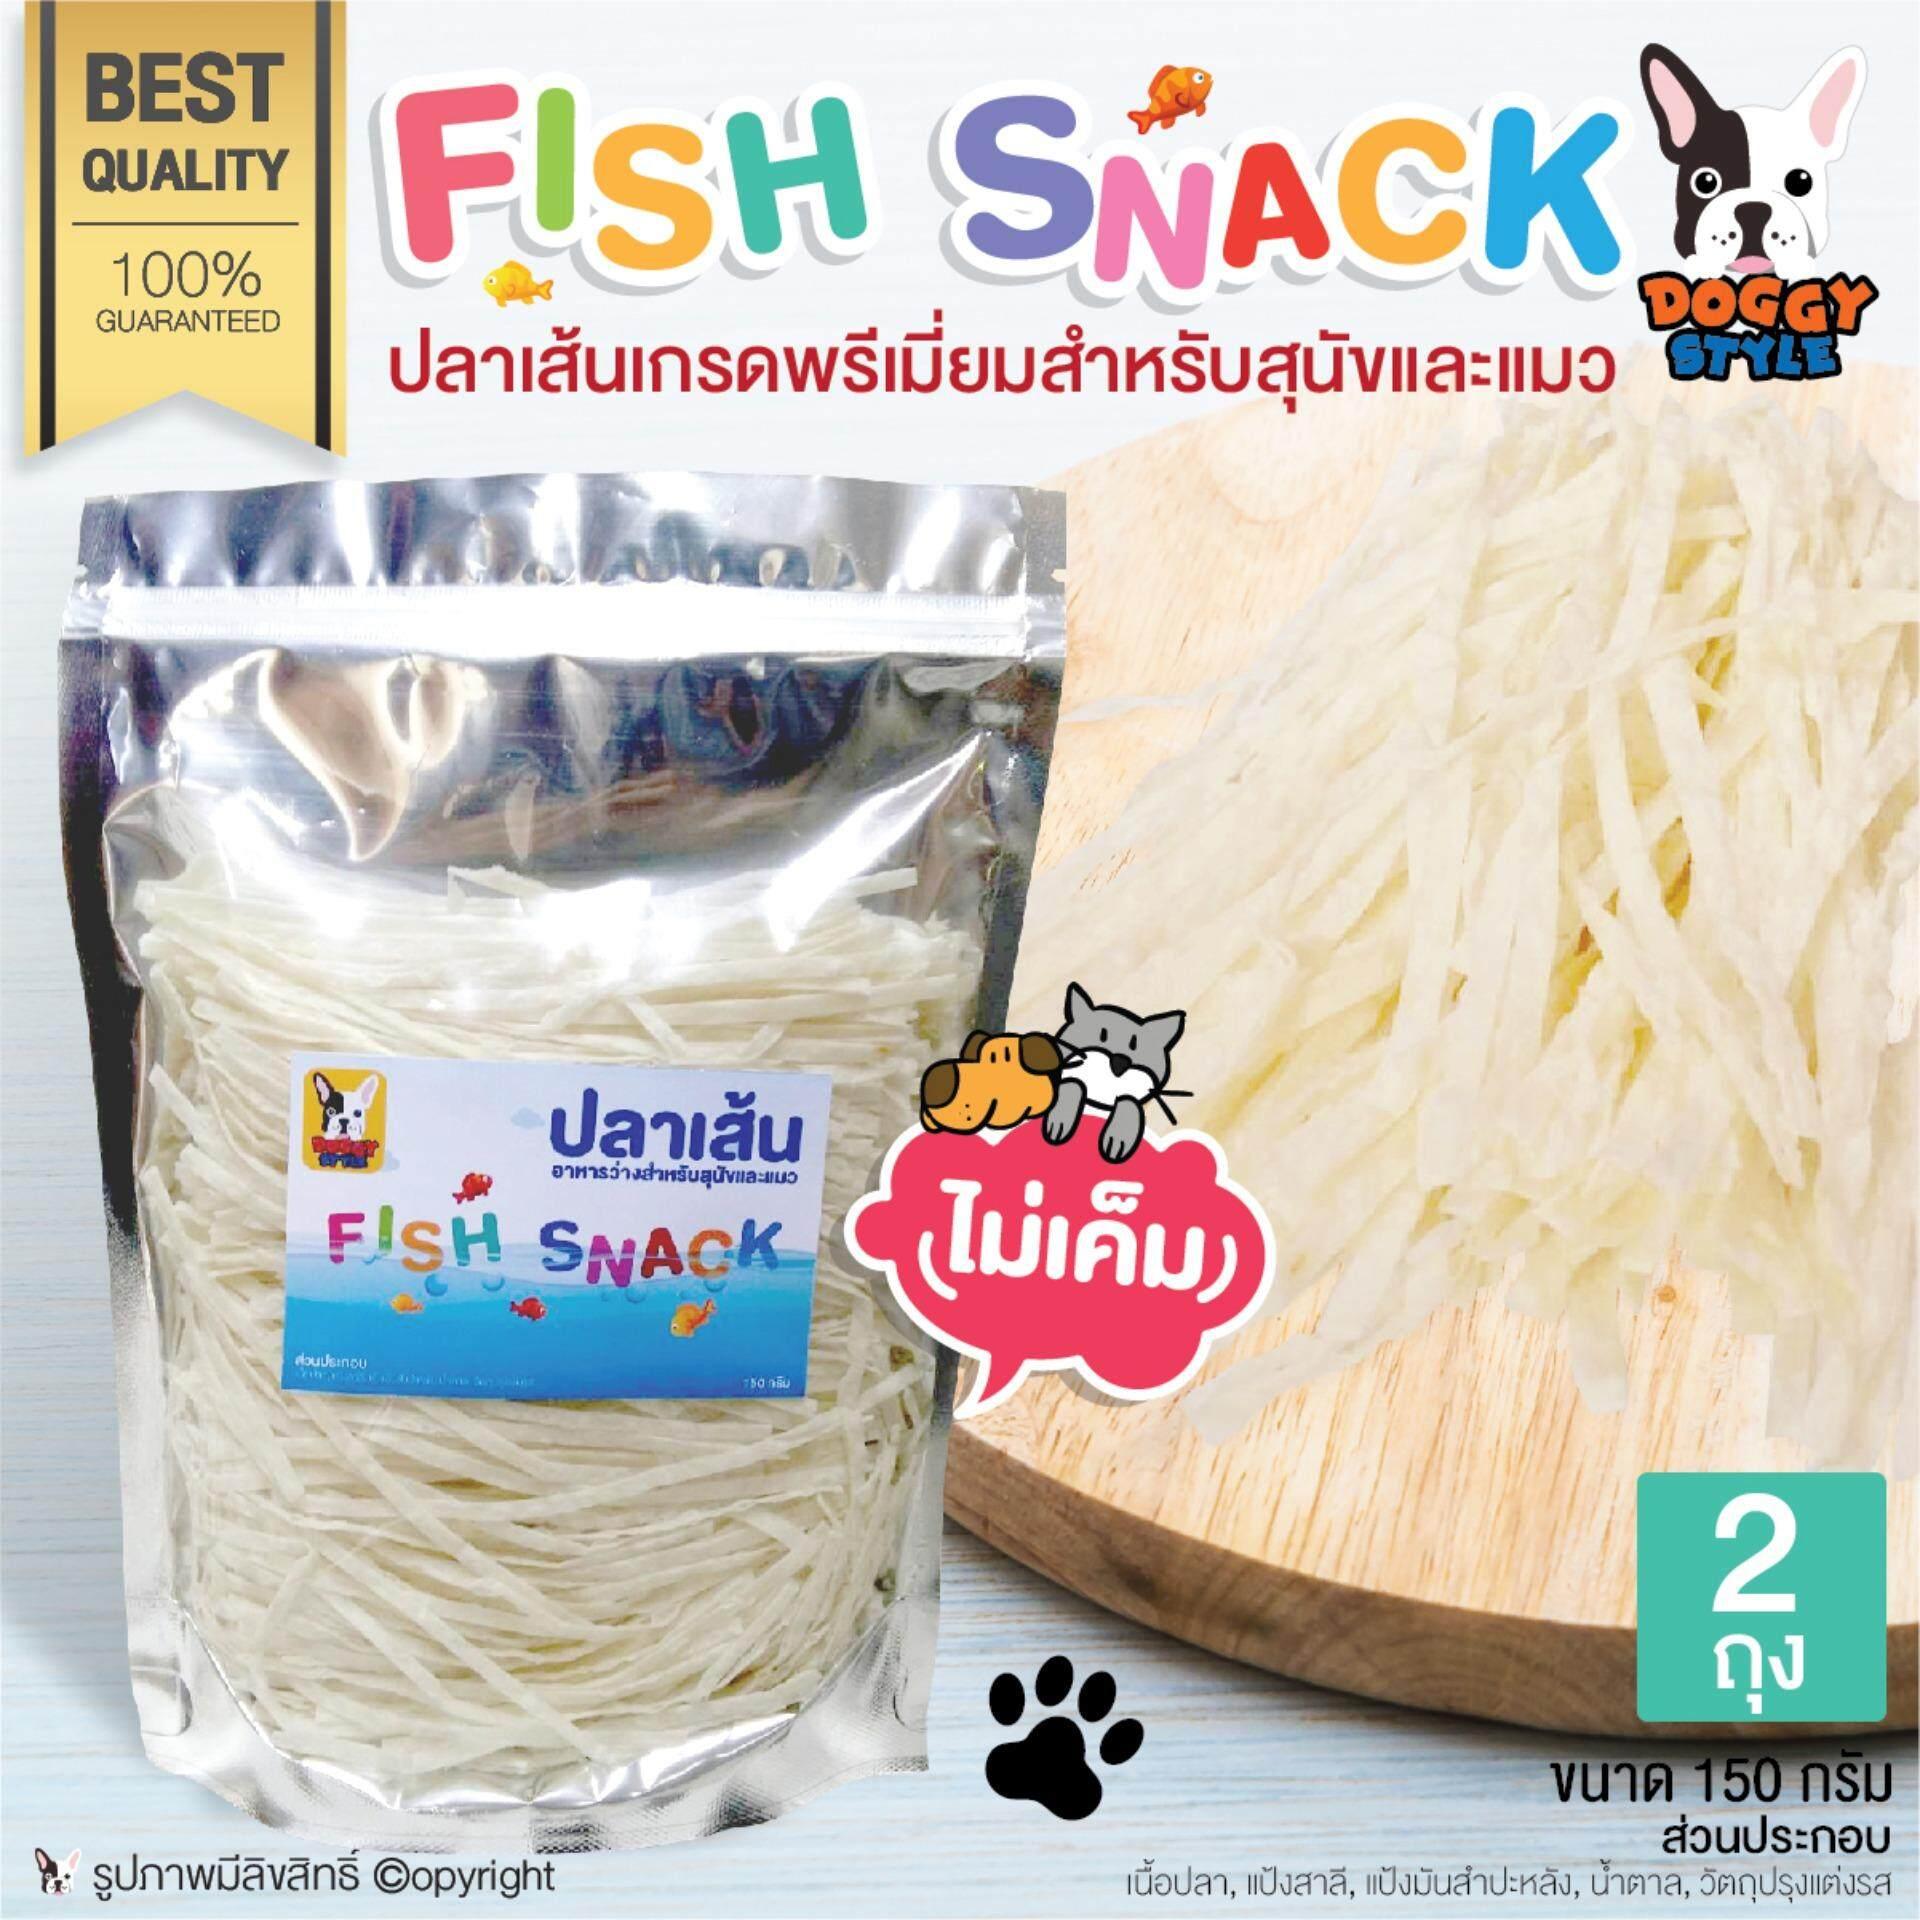 (2ถุง) ขนมสุนัข ขนมแมว ปลาเส้น Doggy style รสดั้งเดิม ปลาแท้100% ไม่เค็ม ไม่ใส่สี 150 กรัม โดย Yes pet shop